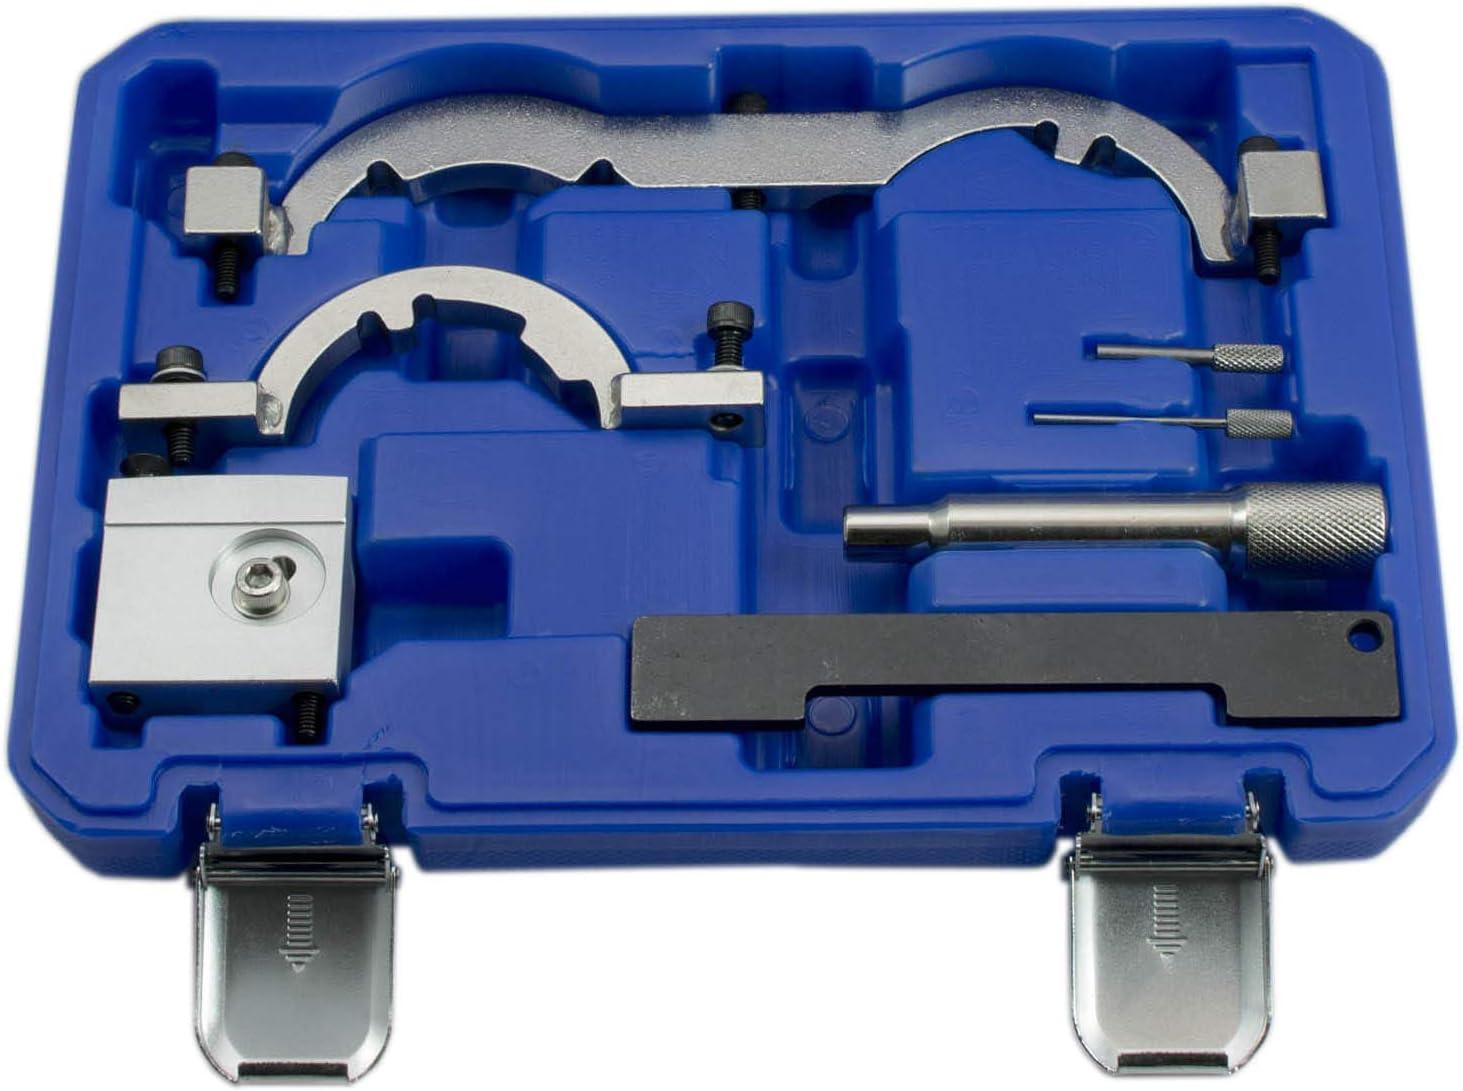 Albero a manovella Tempi di Controllo GEPCO Advanced Technology Attrezzo di Regolazione del Motore 8 Pezzi Blocco Albero a camme